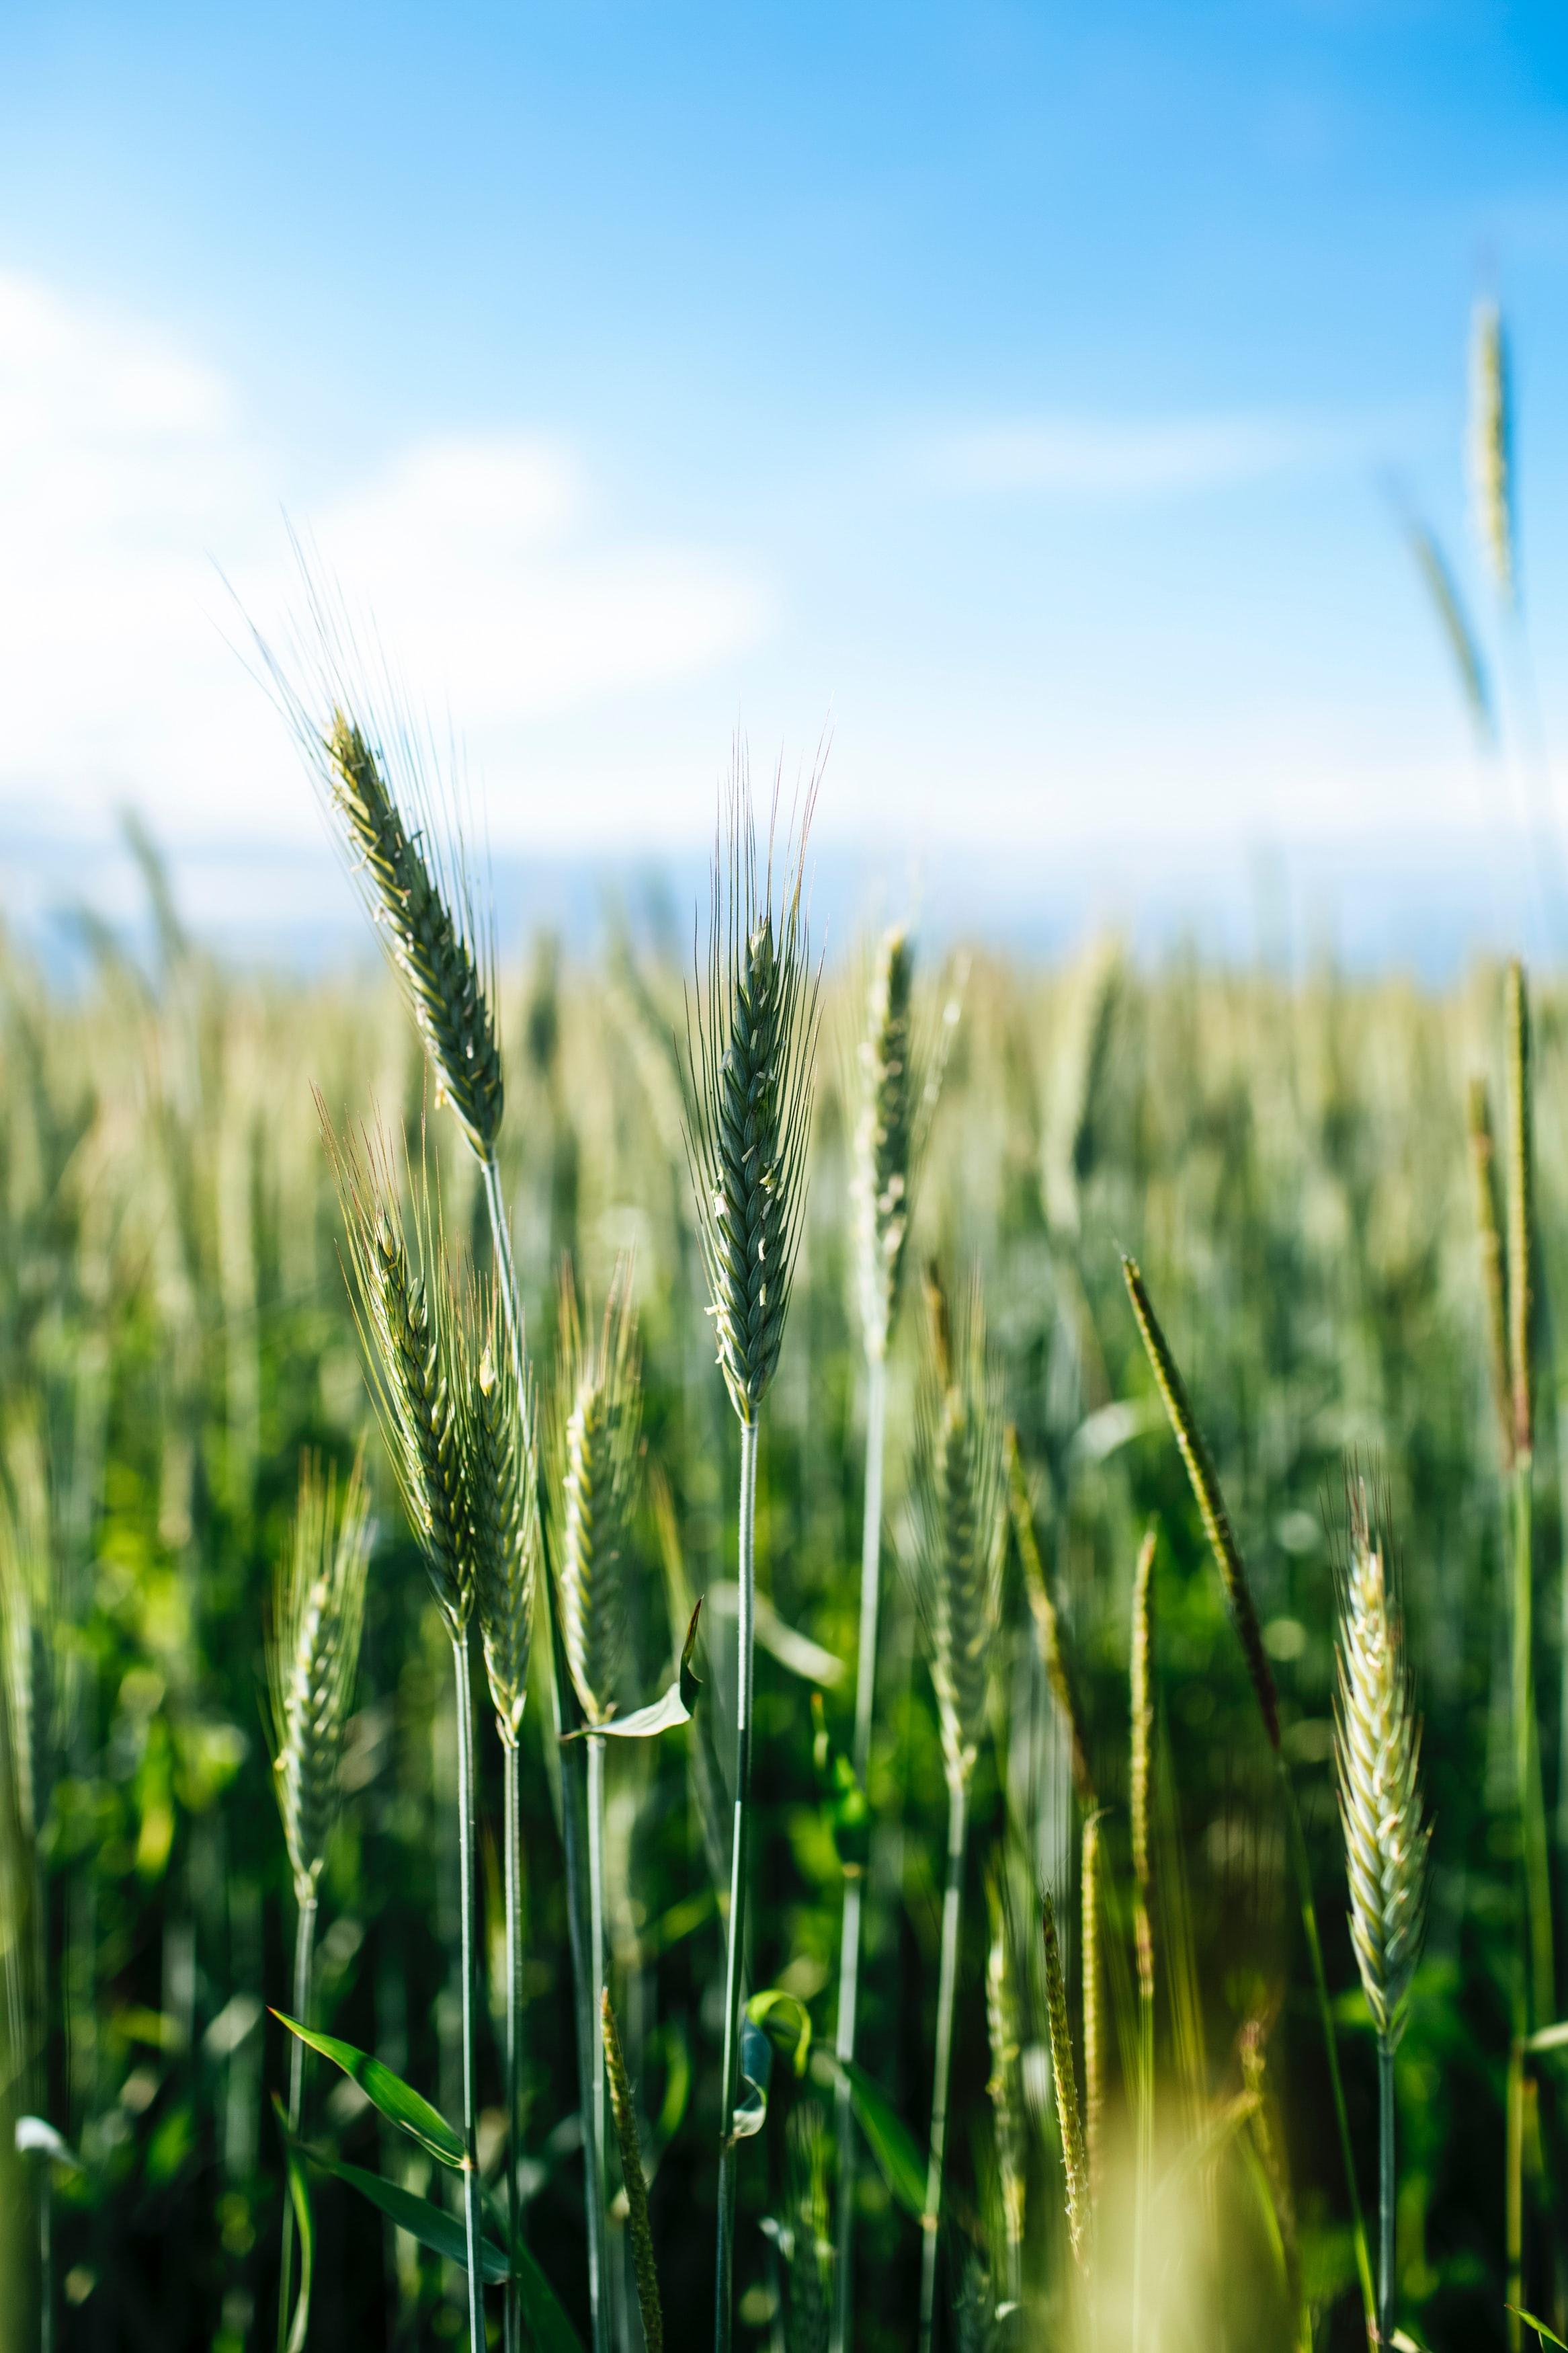 157550 скачать обои Природа, Колосья, Трава, Поле, Пшеница - заставки и картинки бесплатно